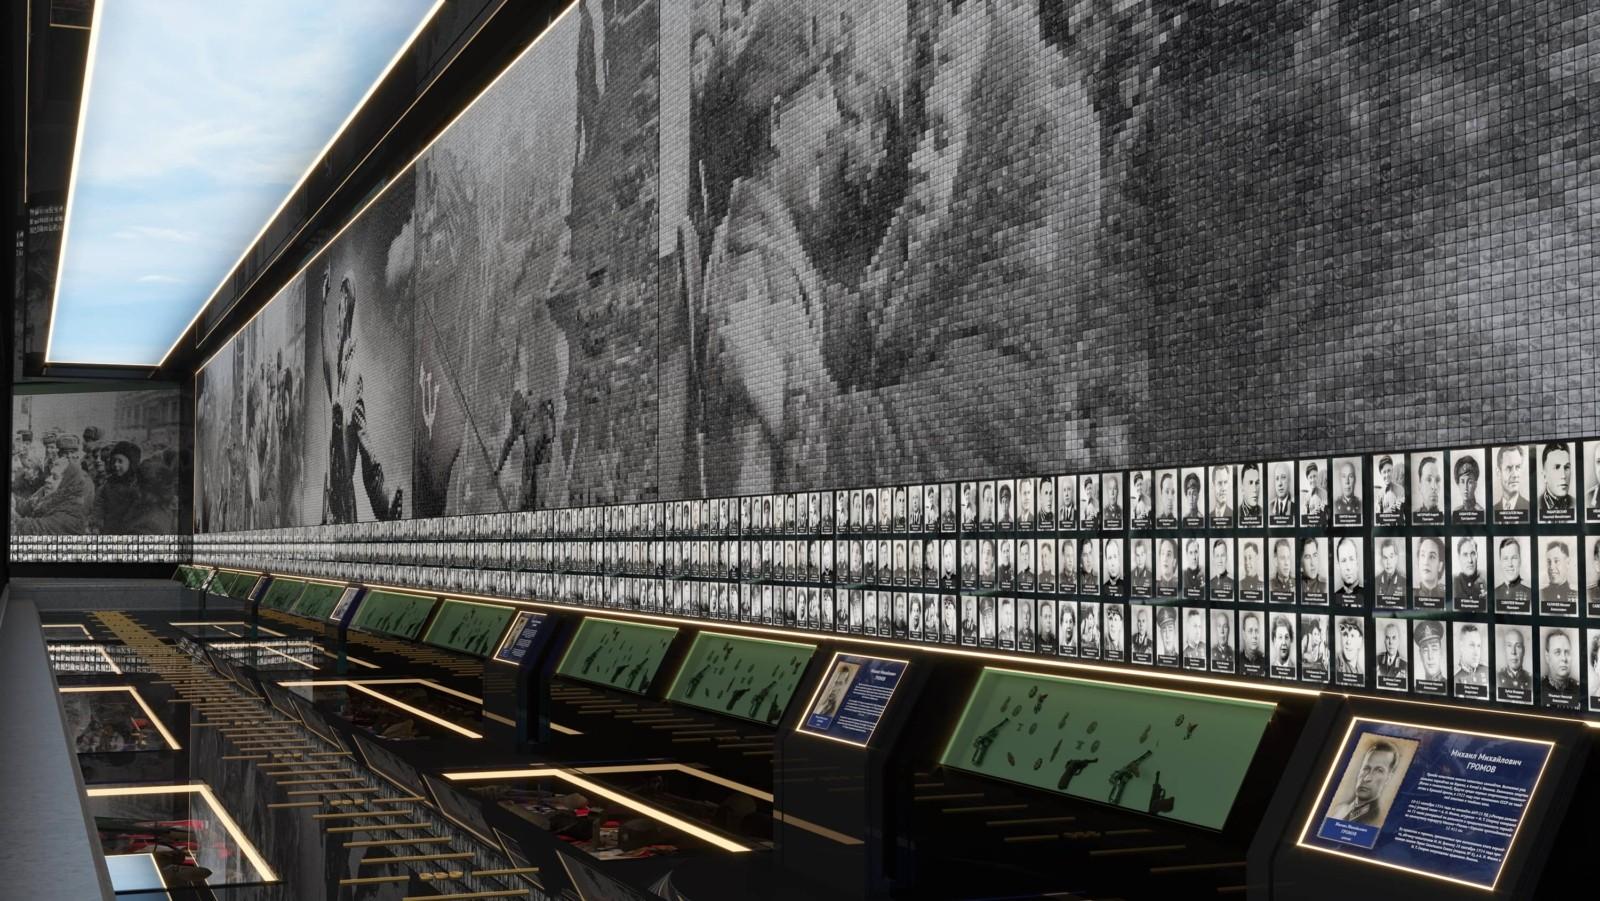 Мультимедийная галерея «Дорога памяти» объединит десятки миллионов фотографий тех, кто ковал Великую Победу